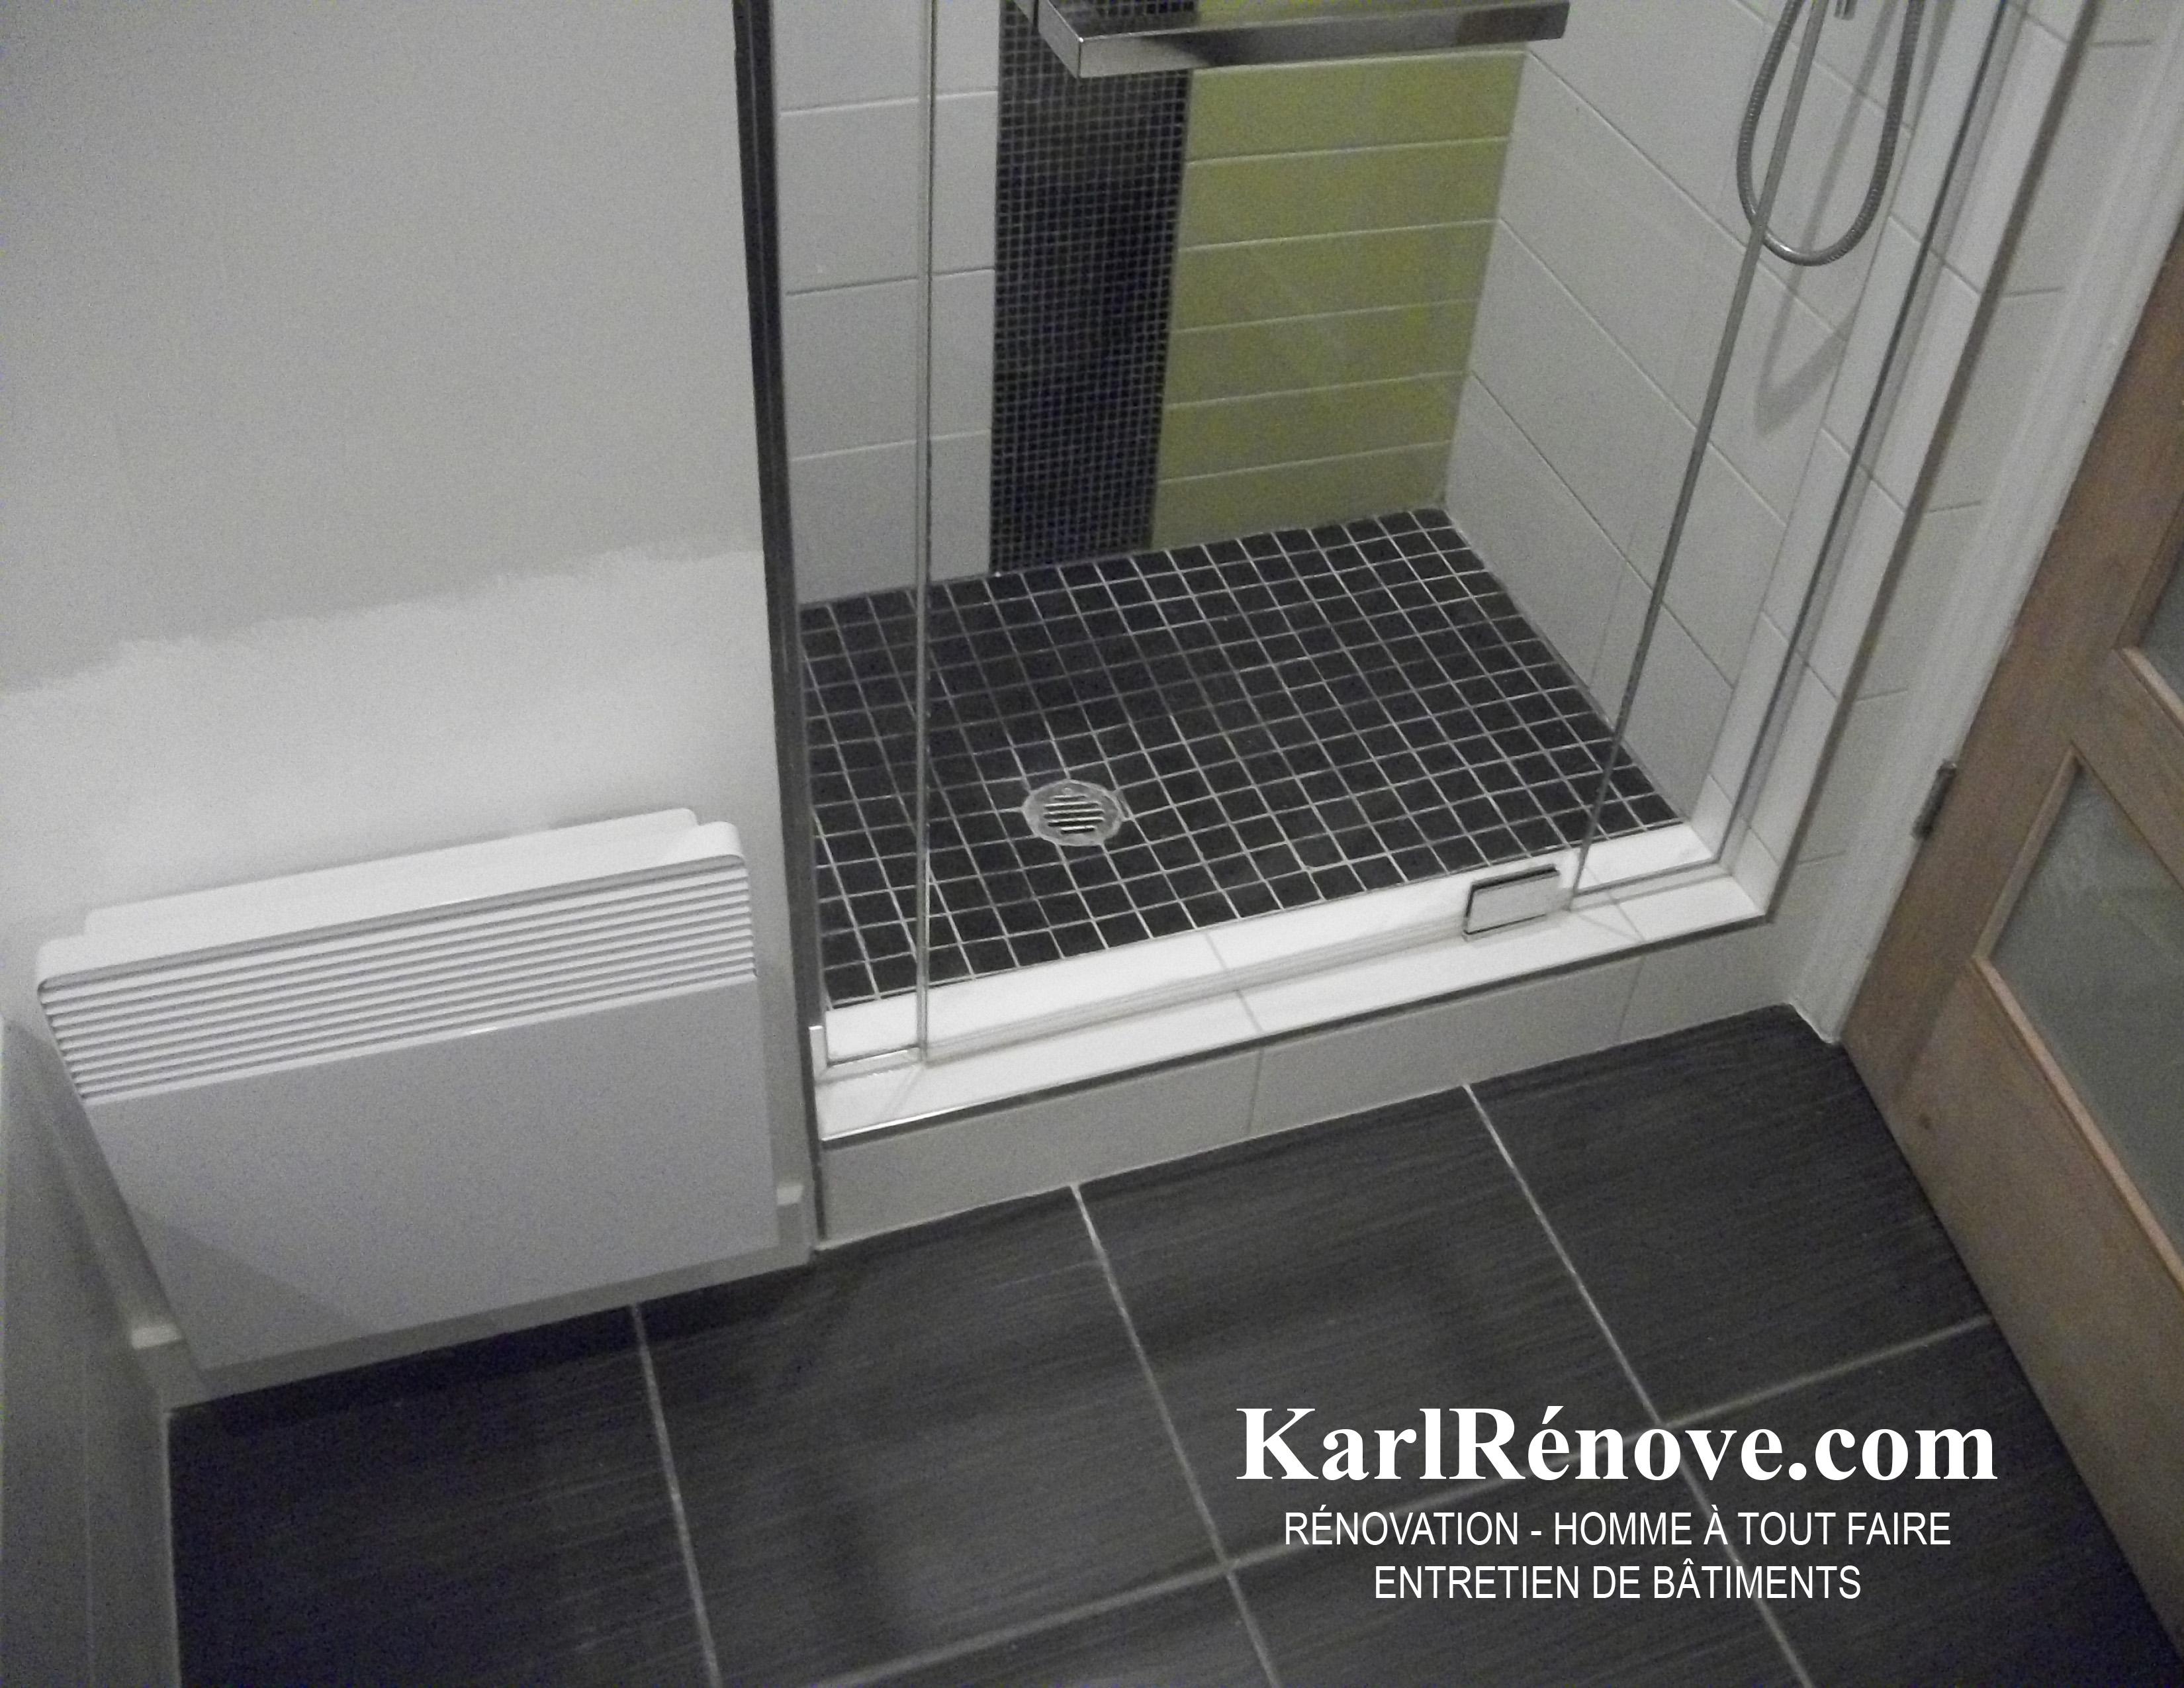 infiltration d 39 eau karlrenove. Black Bedroom Furniture Sets. Home Design Ideas